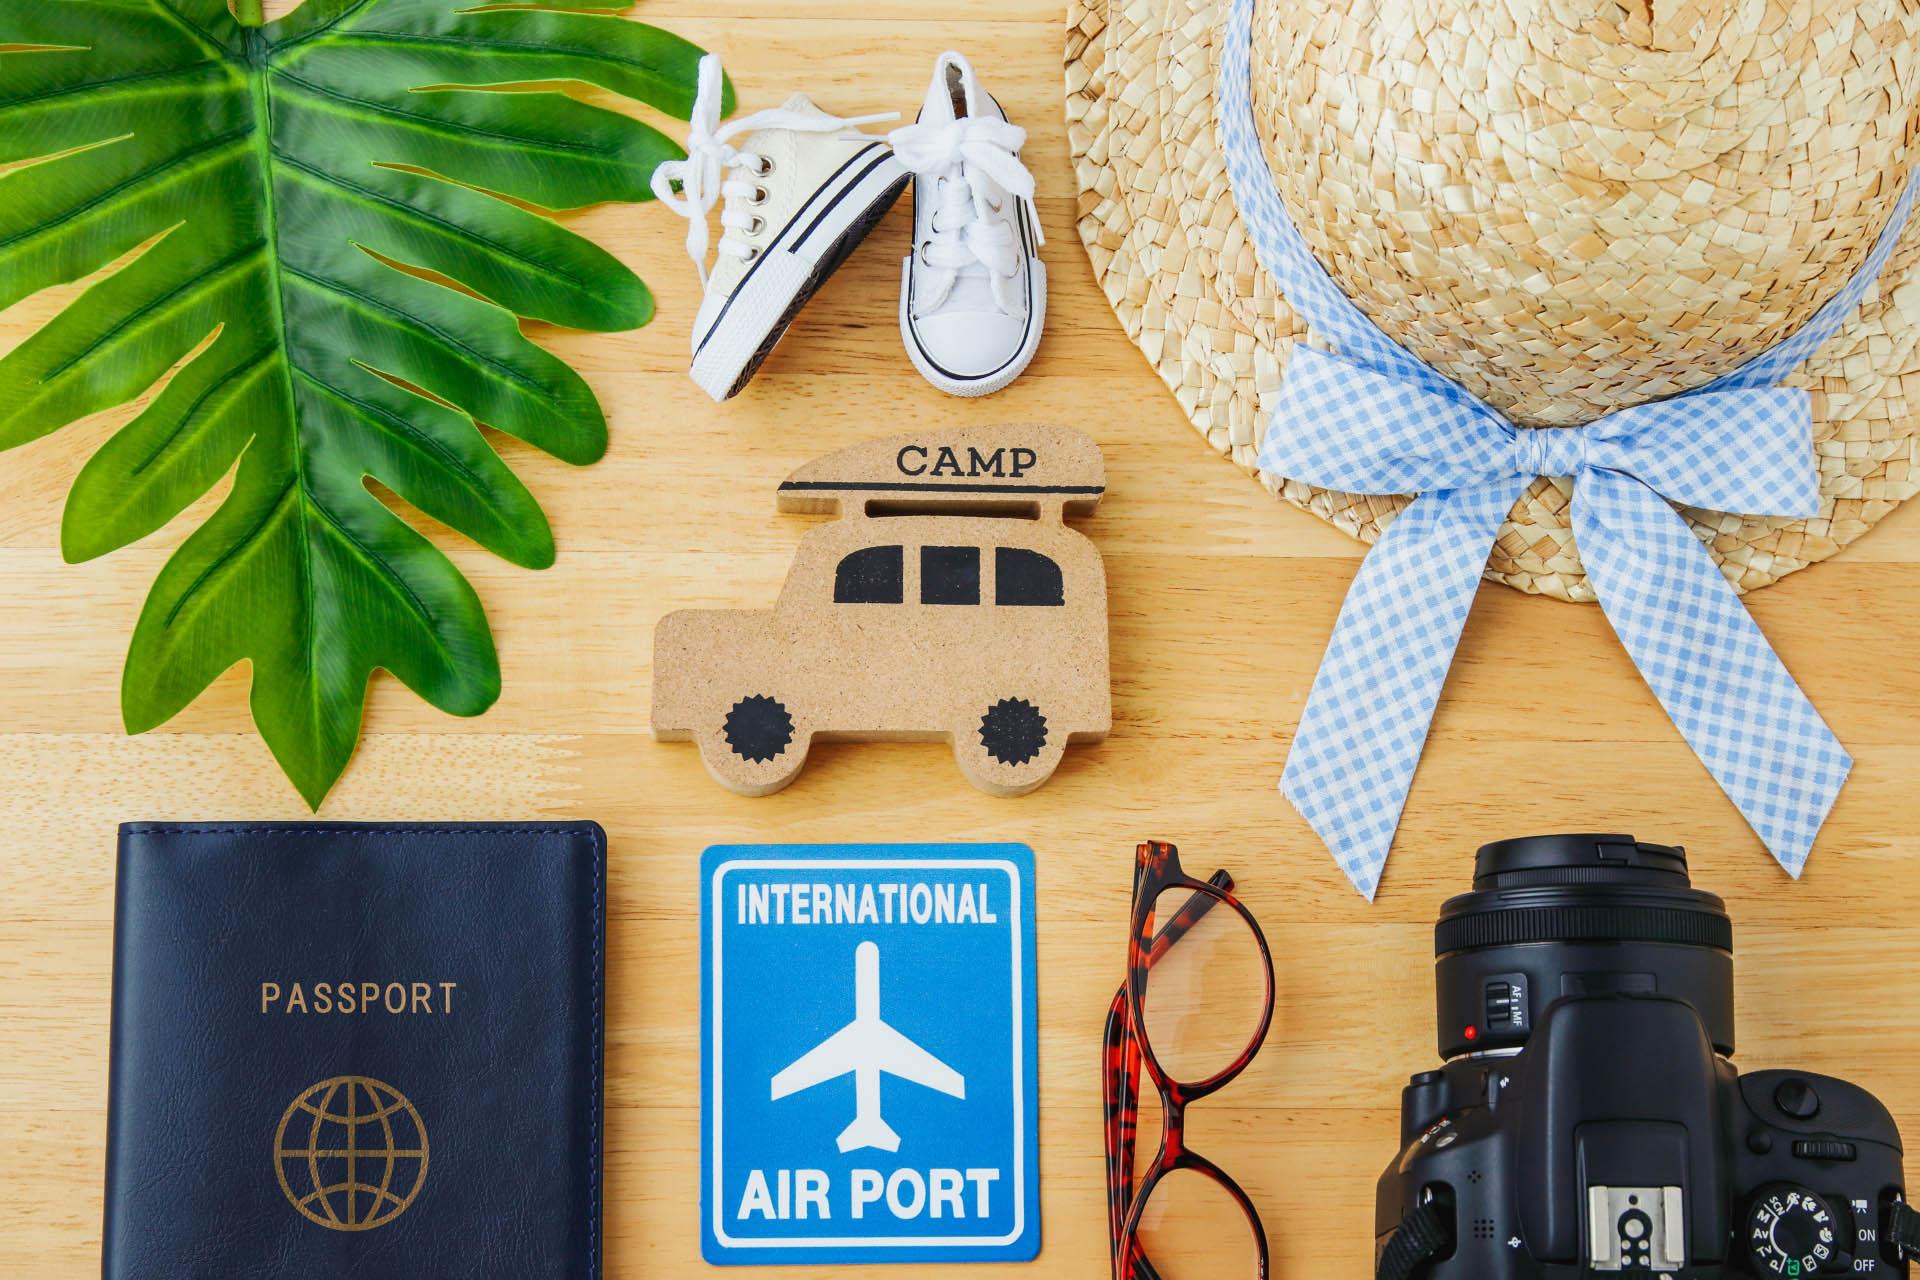 増加している外国人観光客